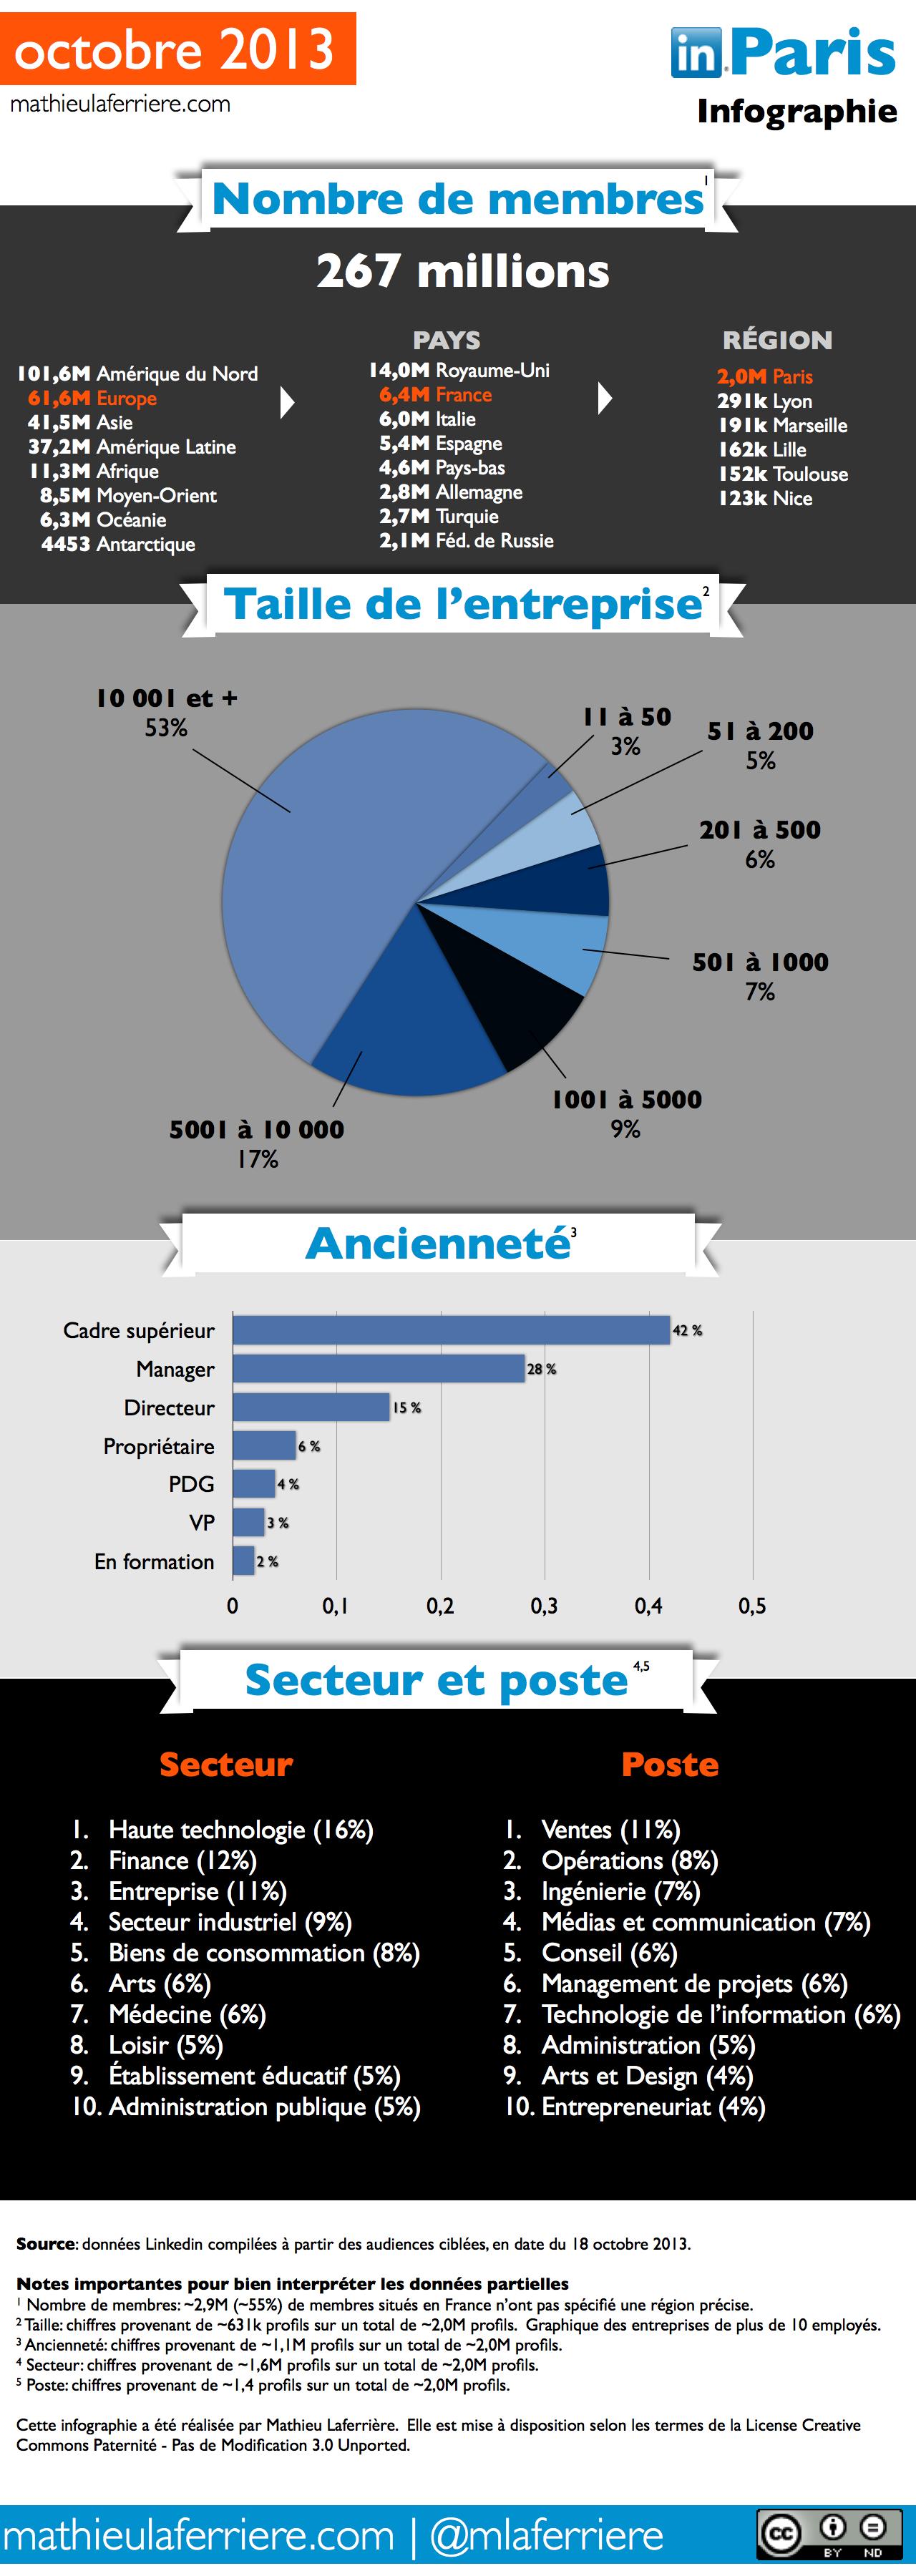 Octobre 2013 - Les utilisateurs de Linkedin à Paris